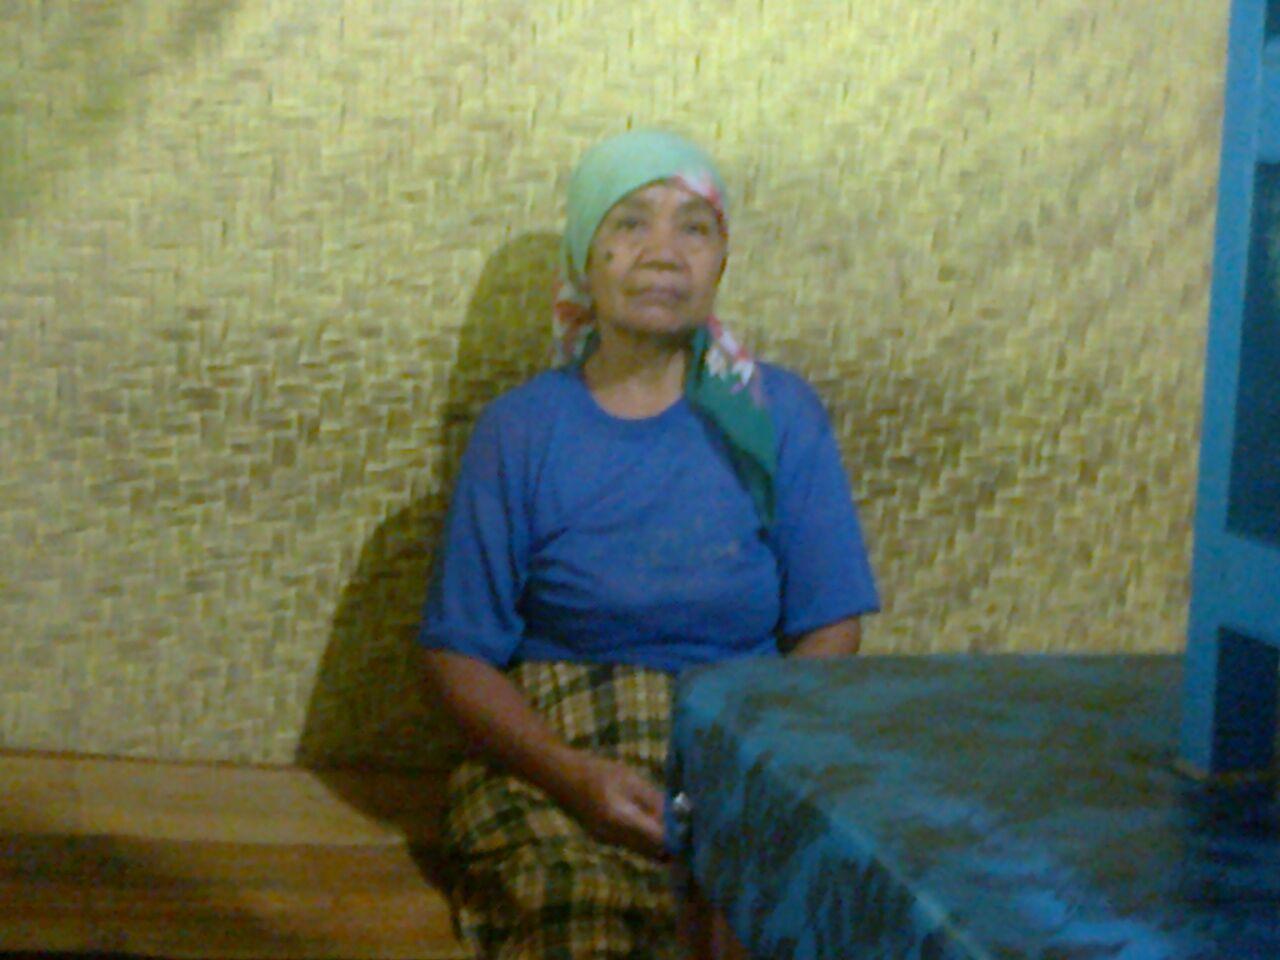 Kopi Janda Id Menghabiskan Sisa Hidupnya Dengan Jualan Wedang Warung Yang Berdiri Di Tanah Milik Orang Belas Kasih Kepada Mbok Sukarsih 60 Tahun Sehari